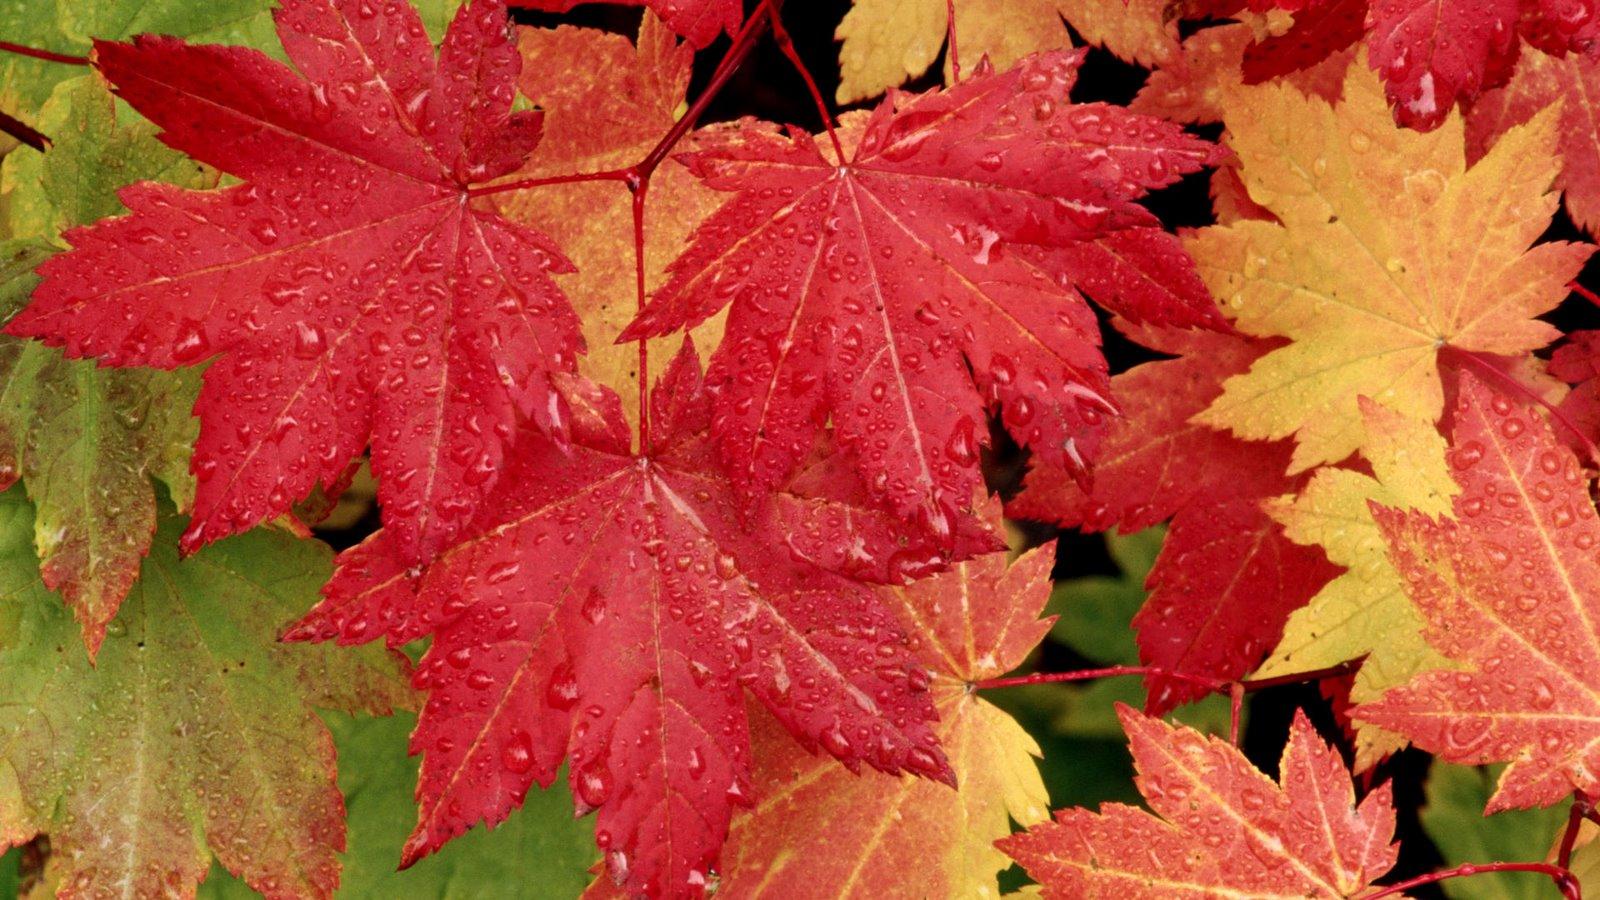 Autumn widescreen clipart.